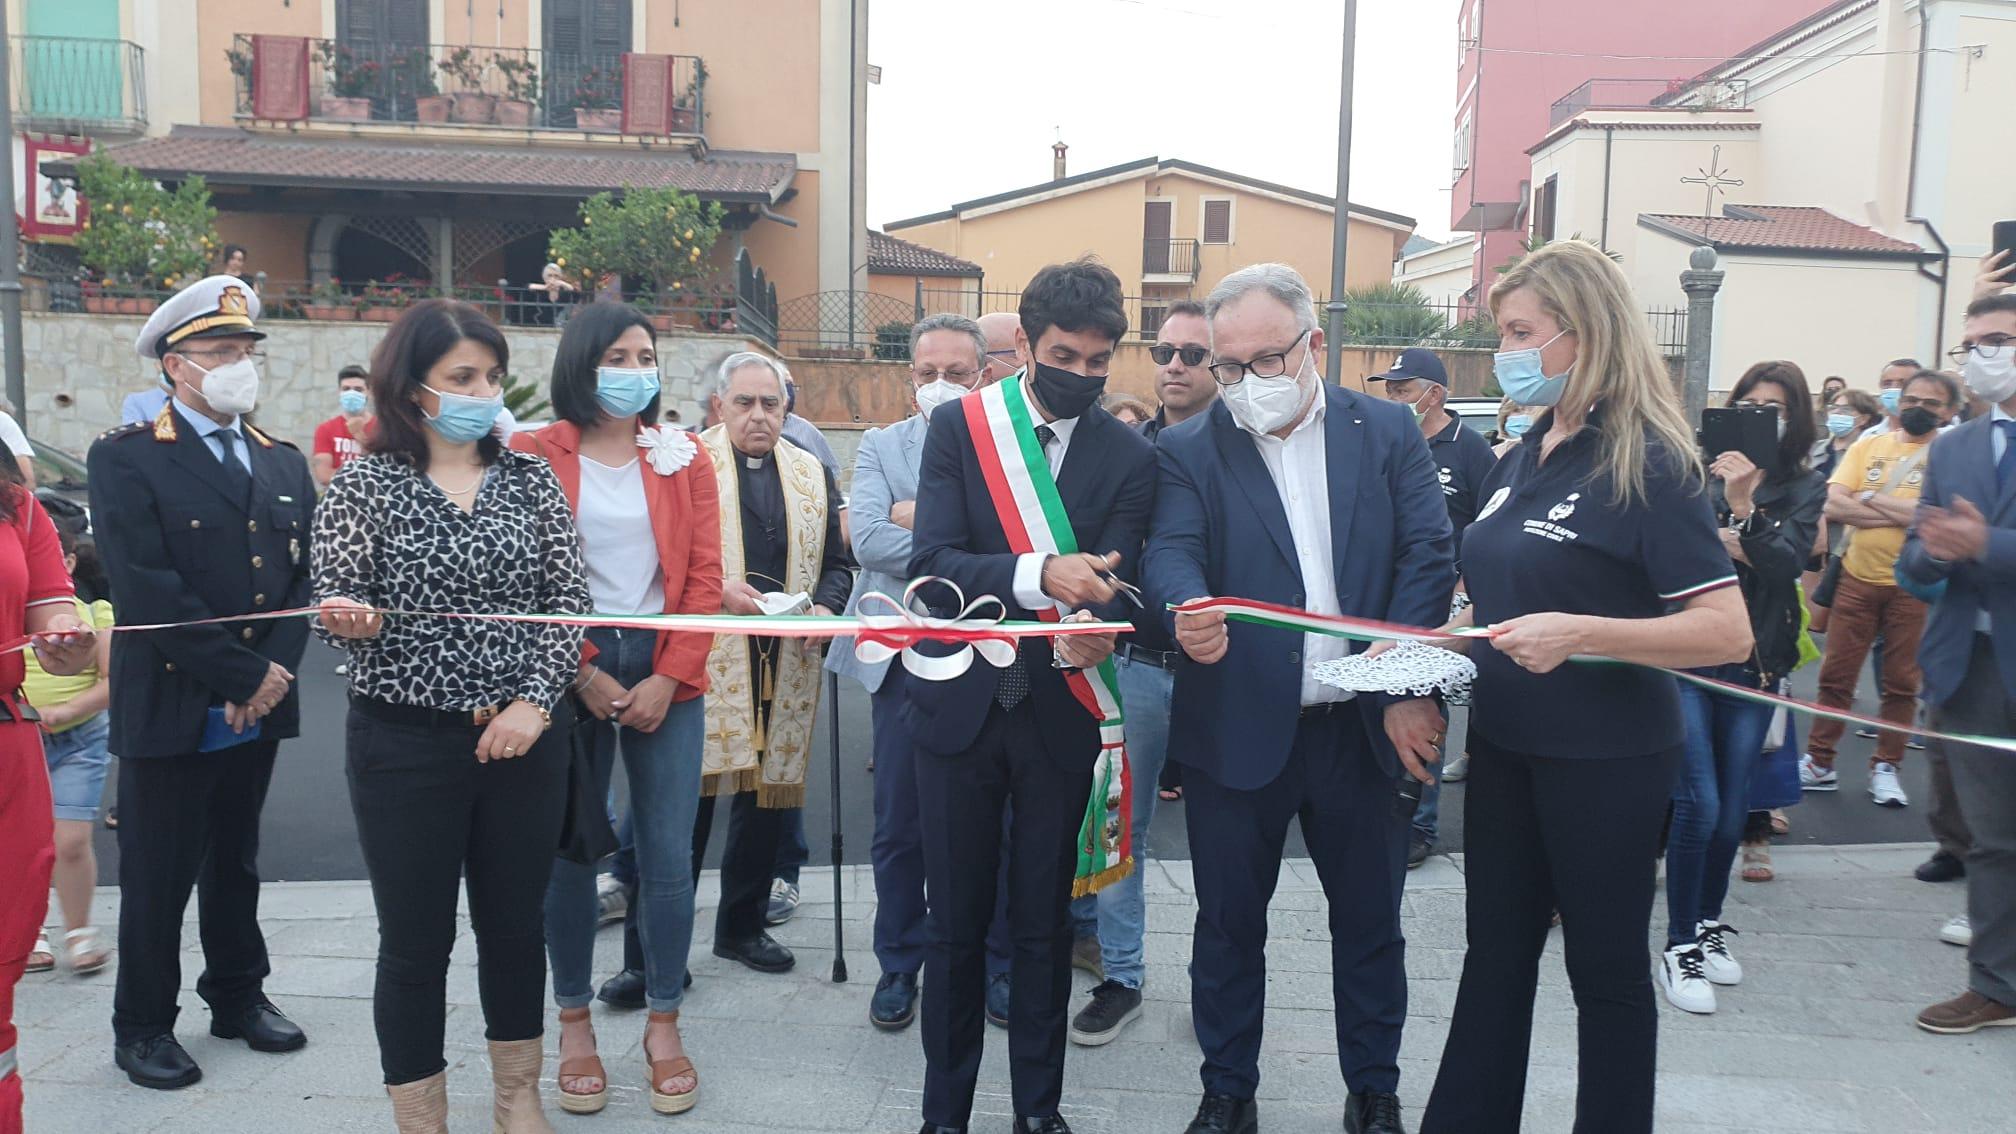 Inaugurata la nuova piazza Plebiscito a Sapri | FOTO